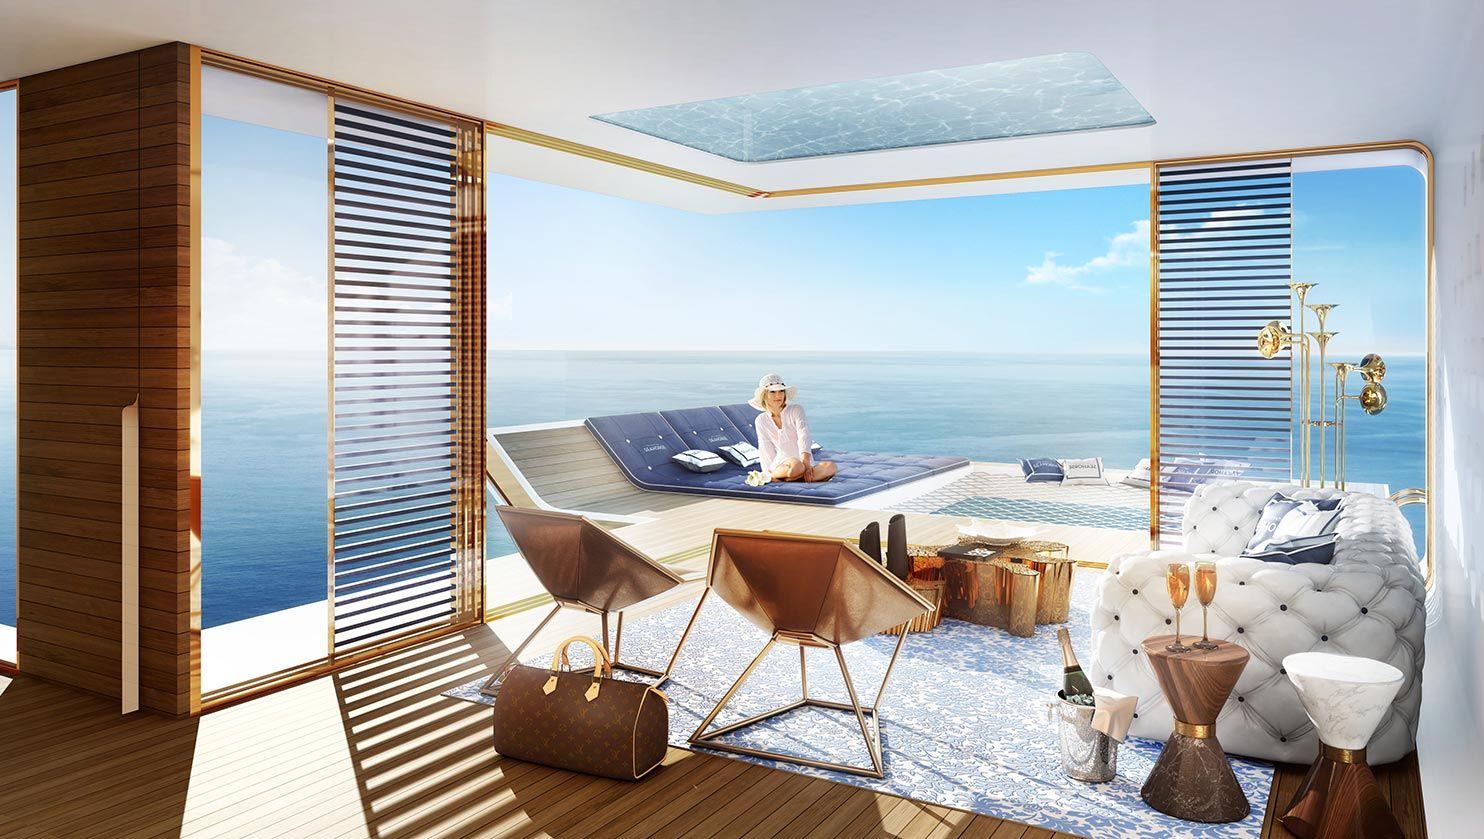 Ces maisons flottantes de luxe très prisées des millionnaires - Insolite | LaVieImmo.com